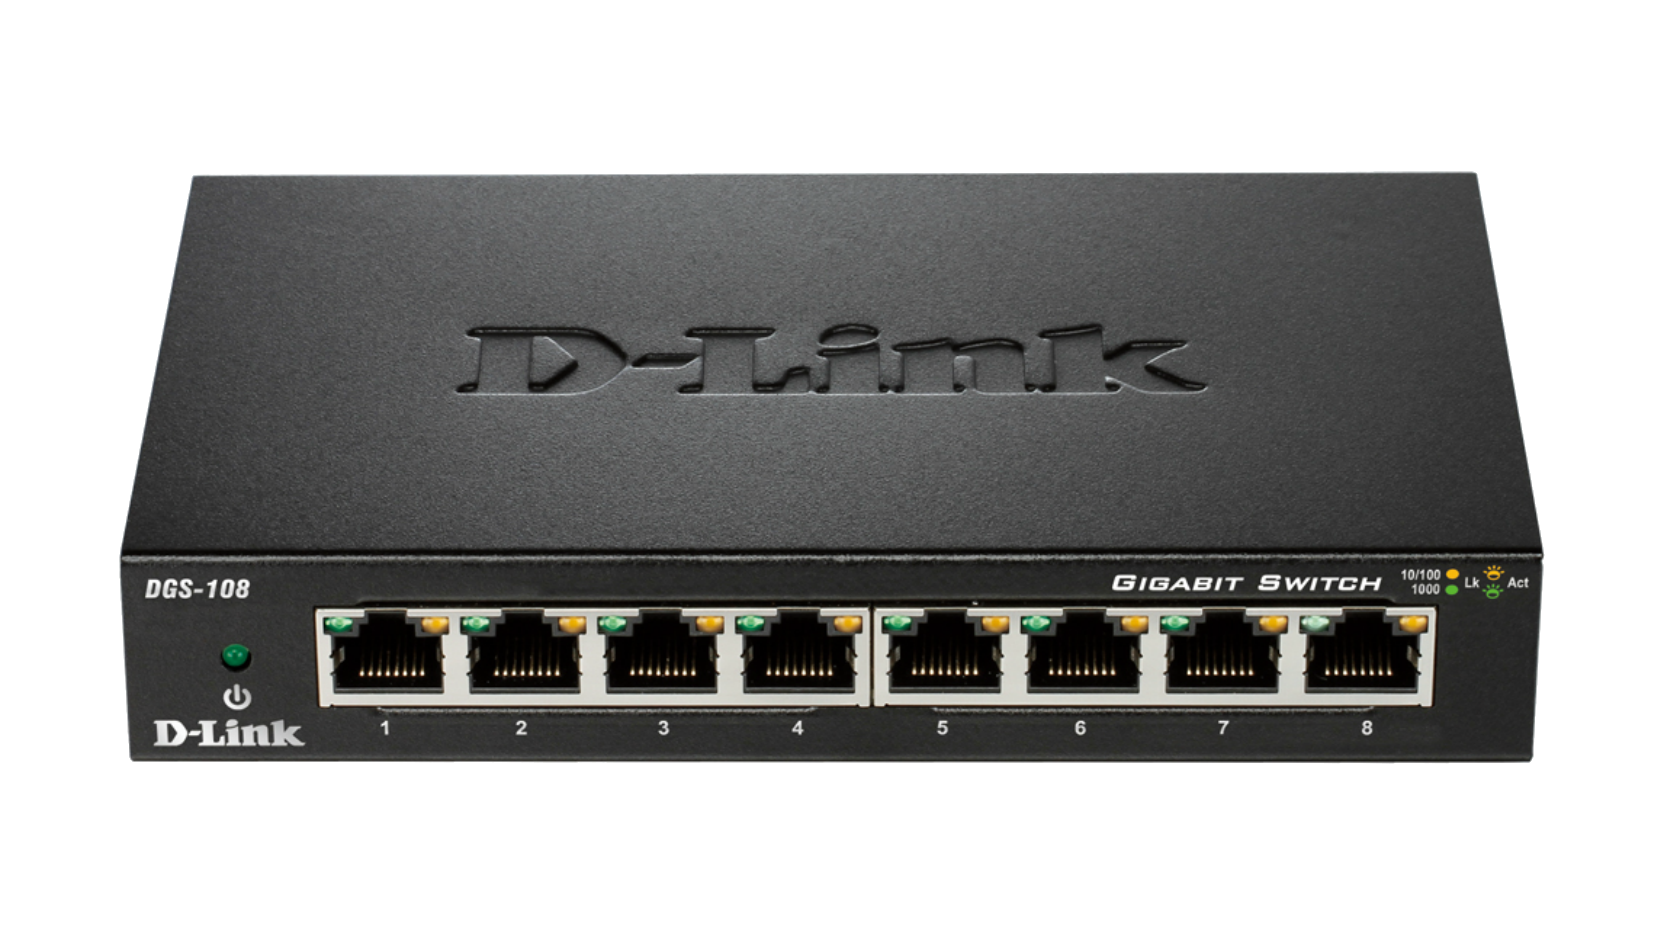 Dgs 108 8 port gigabit unmanaged desktop switch d link uk 8port gigabit unmanaged desktop switch swarovskicordoba Image collections